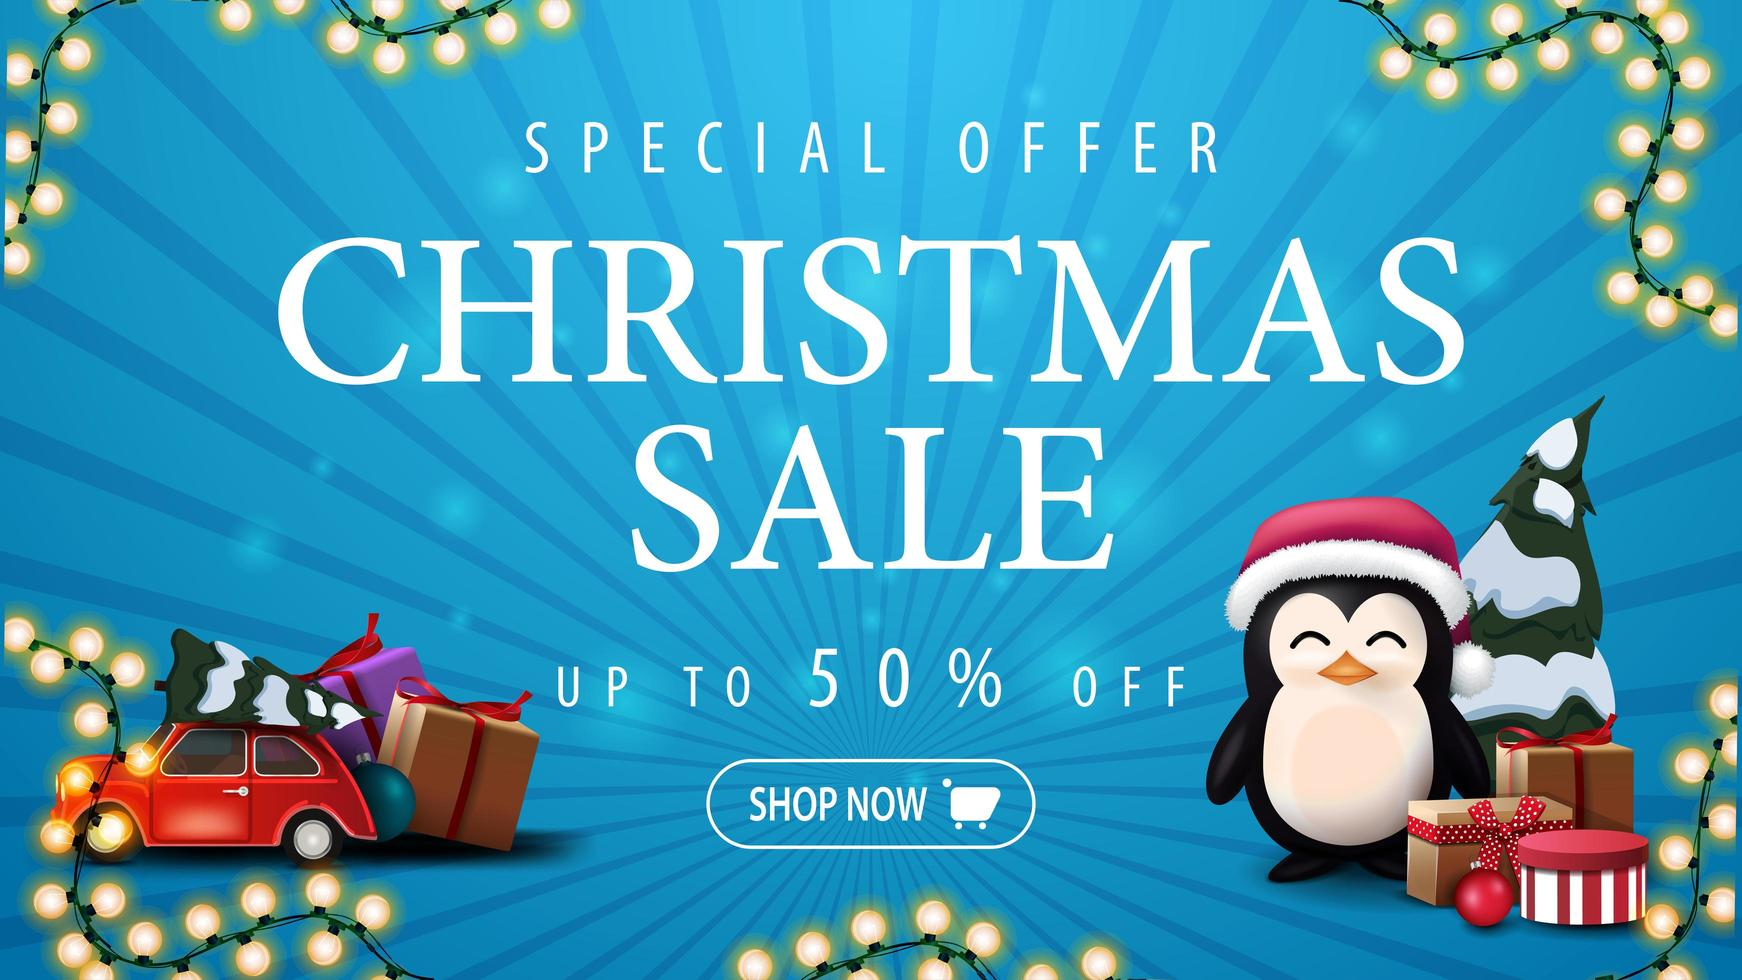 Sonderangebot, Weihnachtsverkauf, bis zu 50 Rabatt, blaues Rabattbanner mit Girlande, rotes Oldtimer mit Weihnachtsbaum und Pinguin im Weihnachtsmannhut mit Geschenken vektor